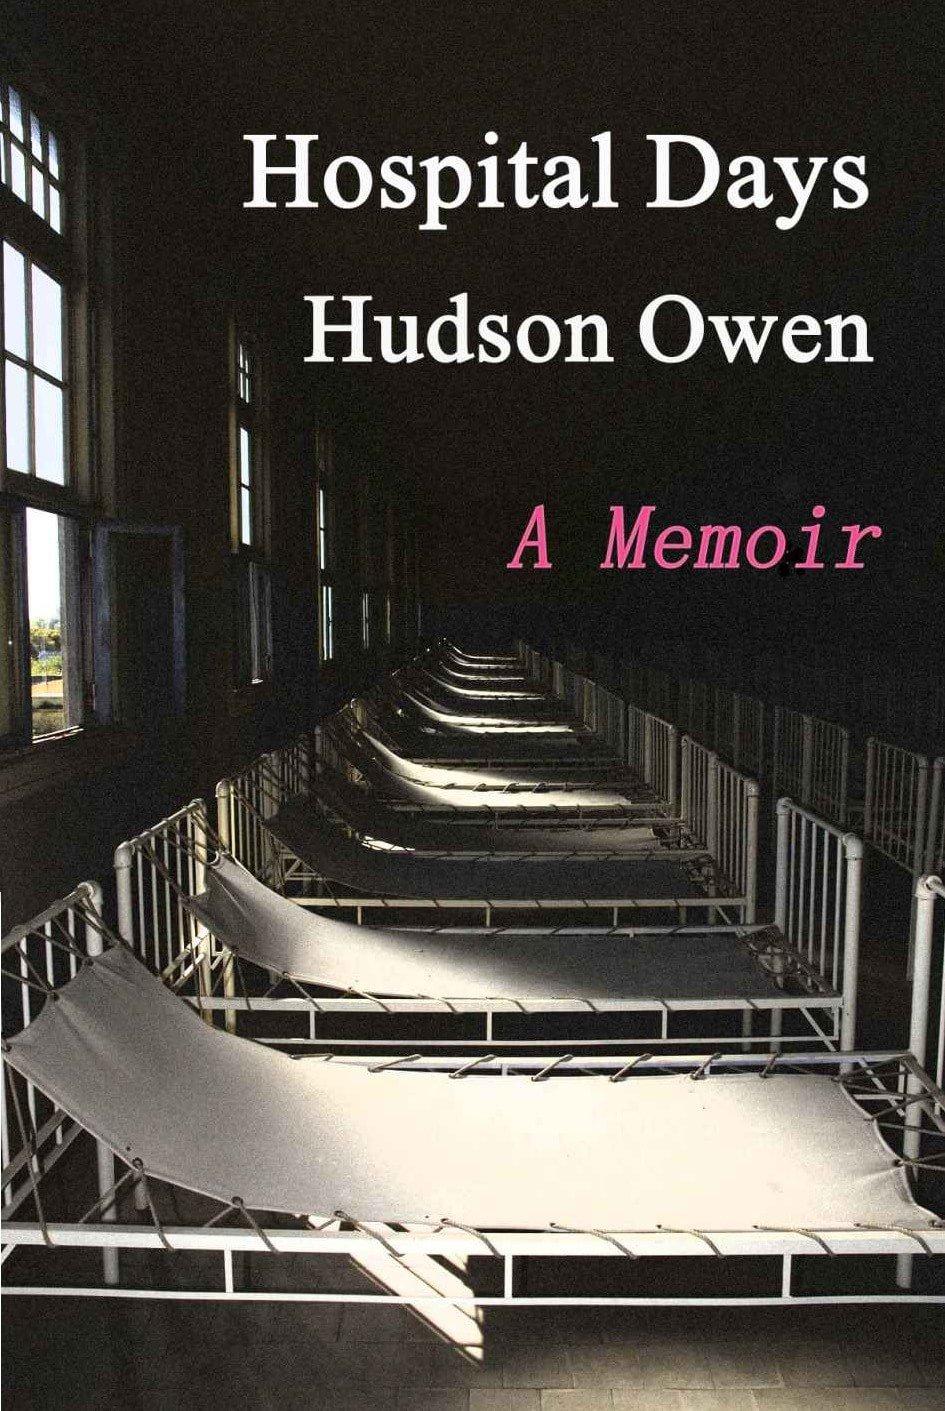 Book Review – Hospital Days: A Memoir by Hudson Owen